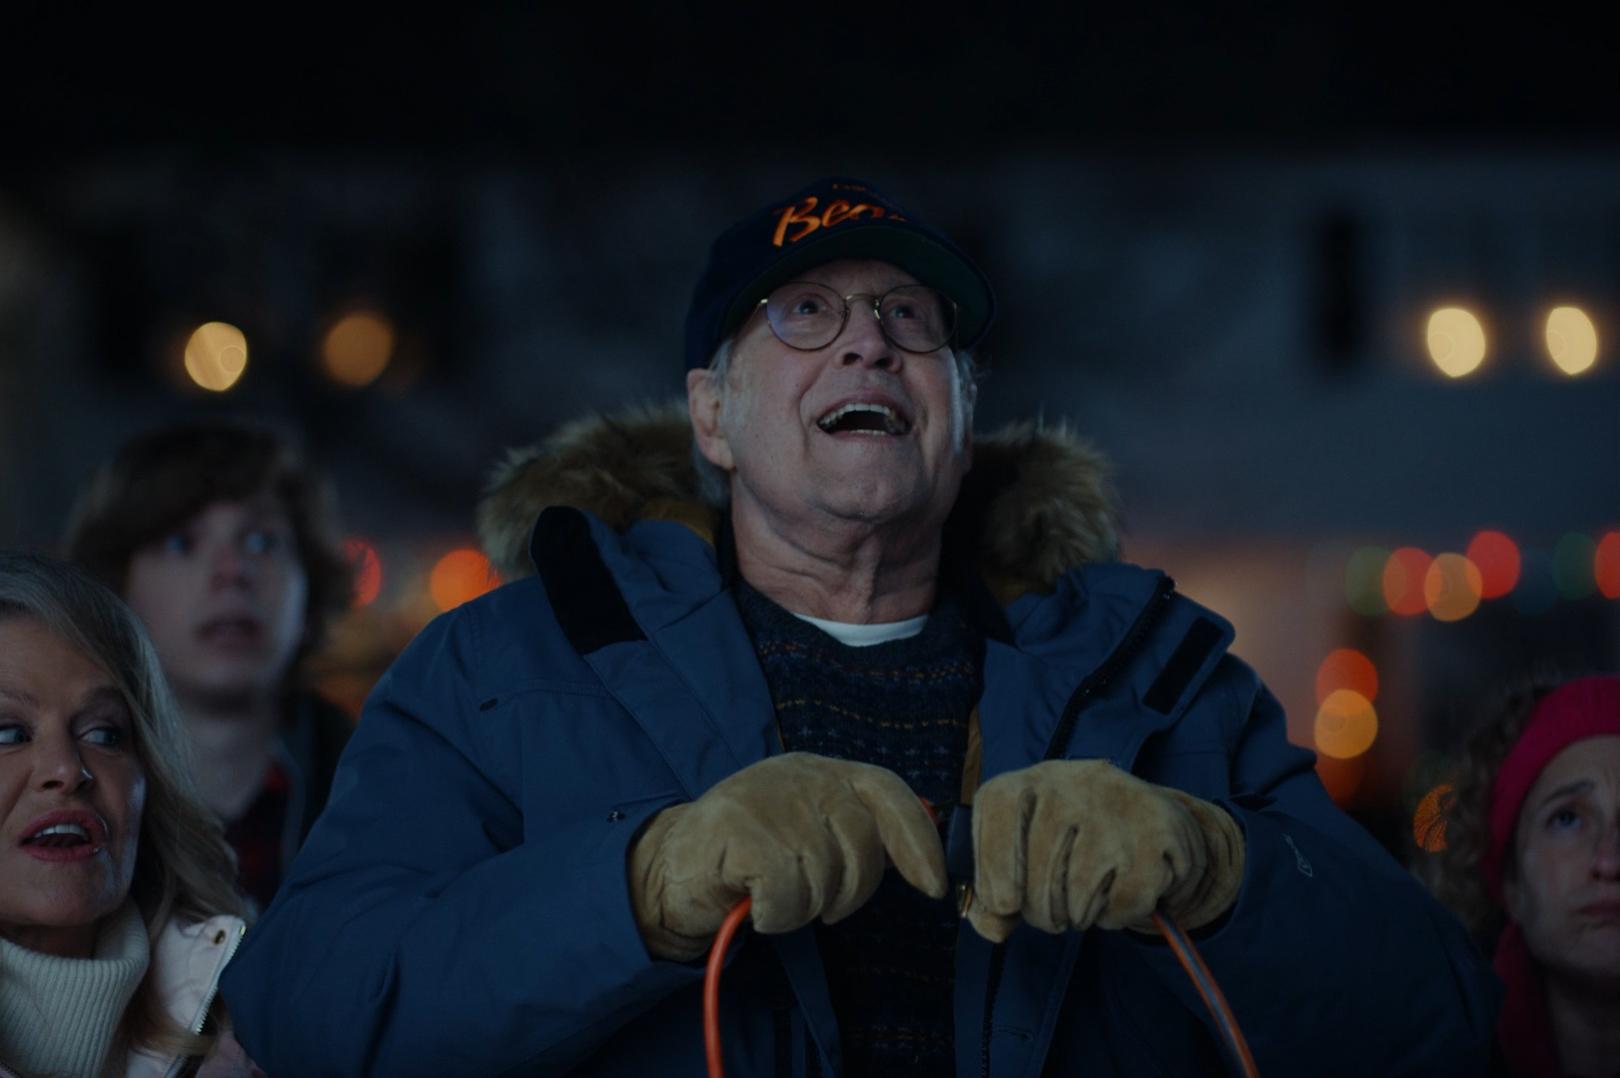 Electri-Vacation, in der Hauptrolle die Griswolds | Der kultigste Werbeclip zu Weihnachten 2020